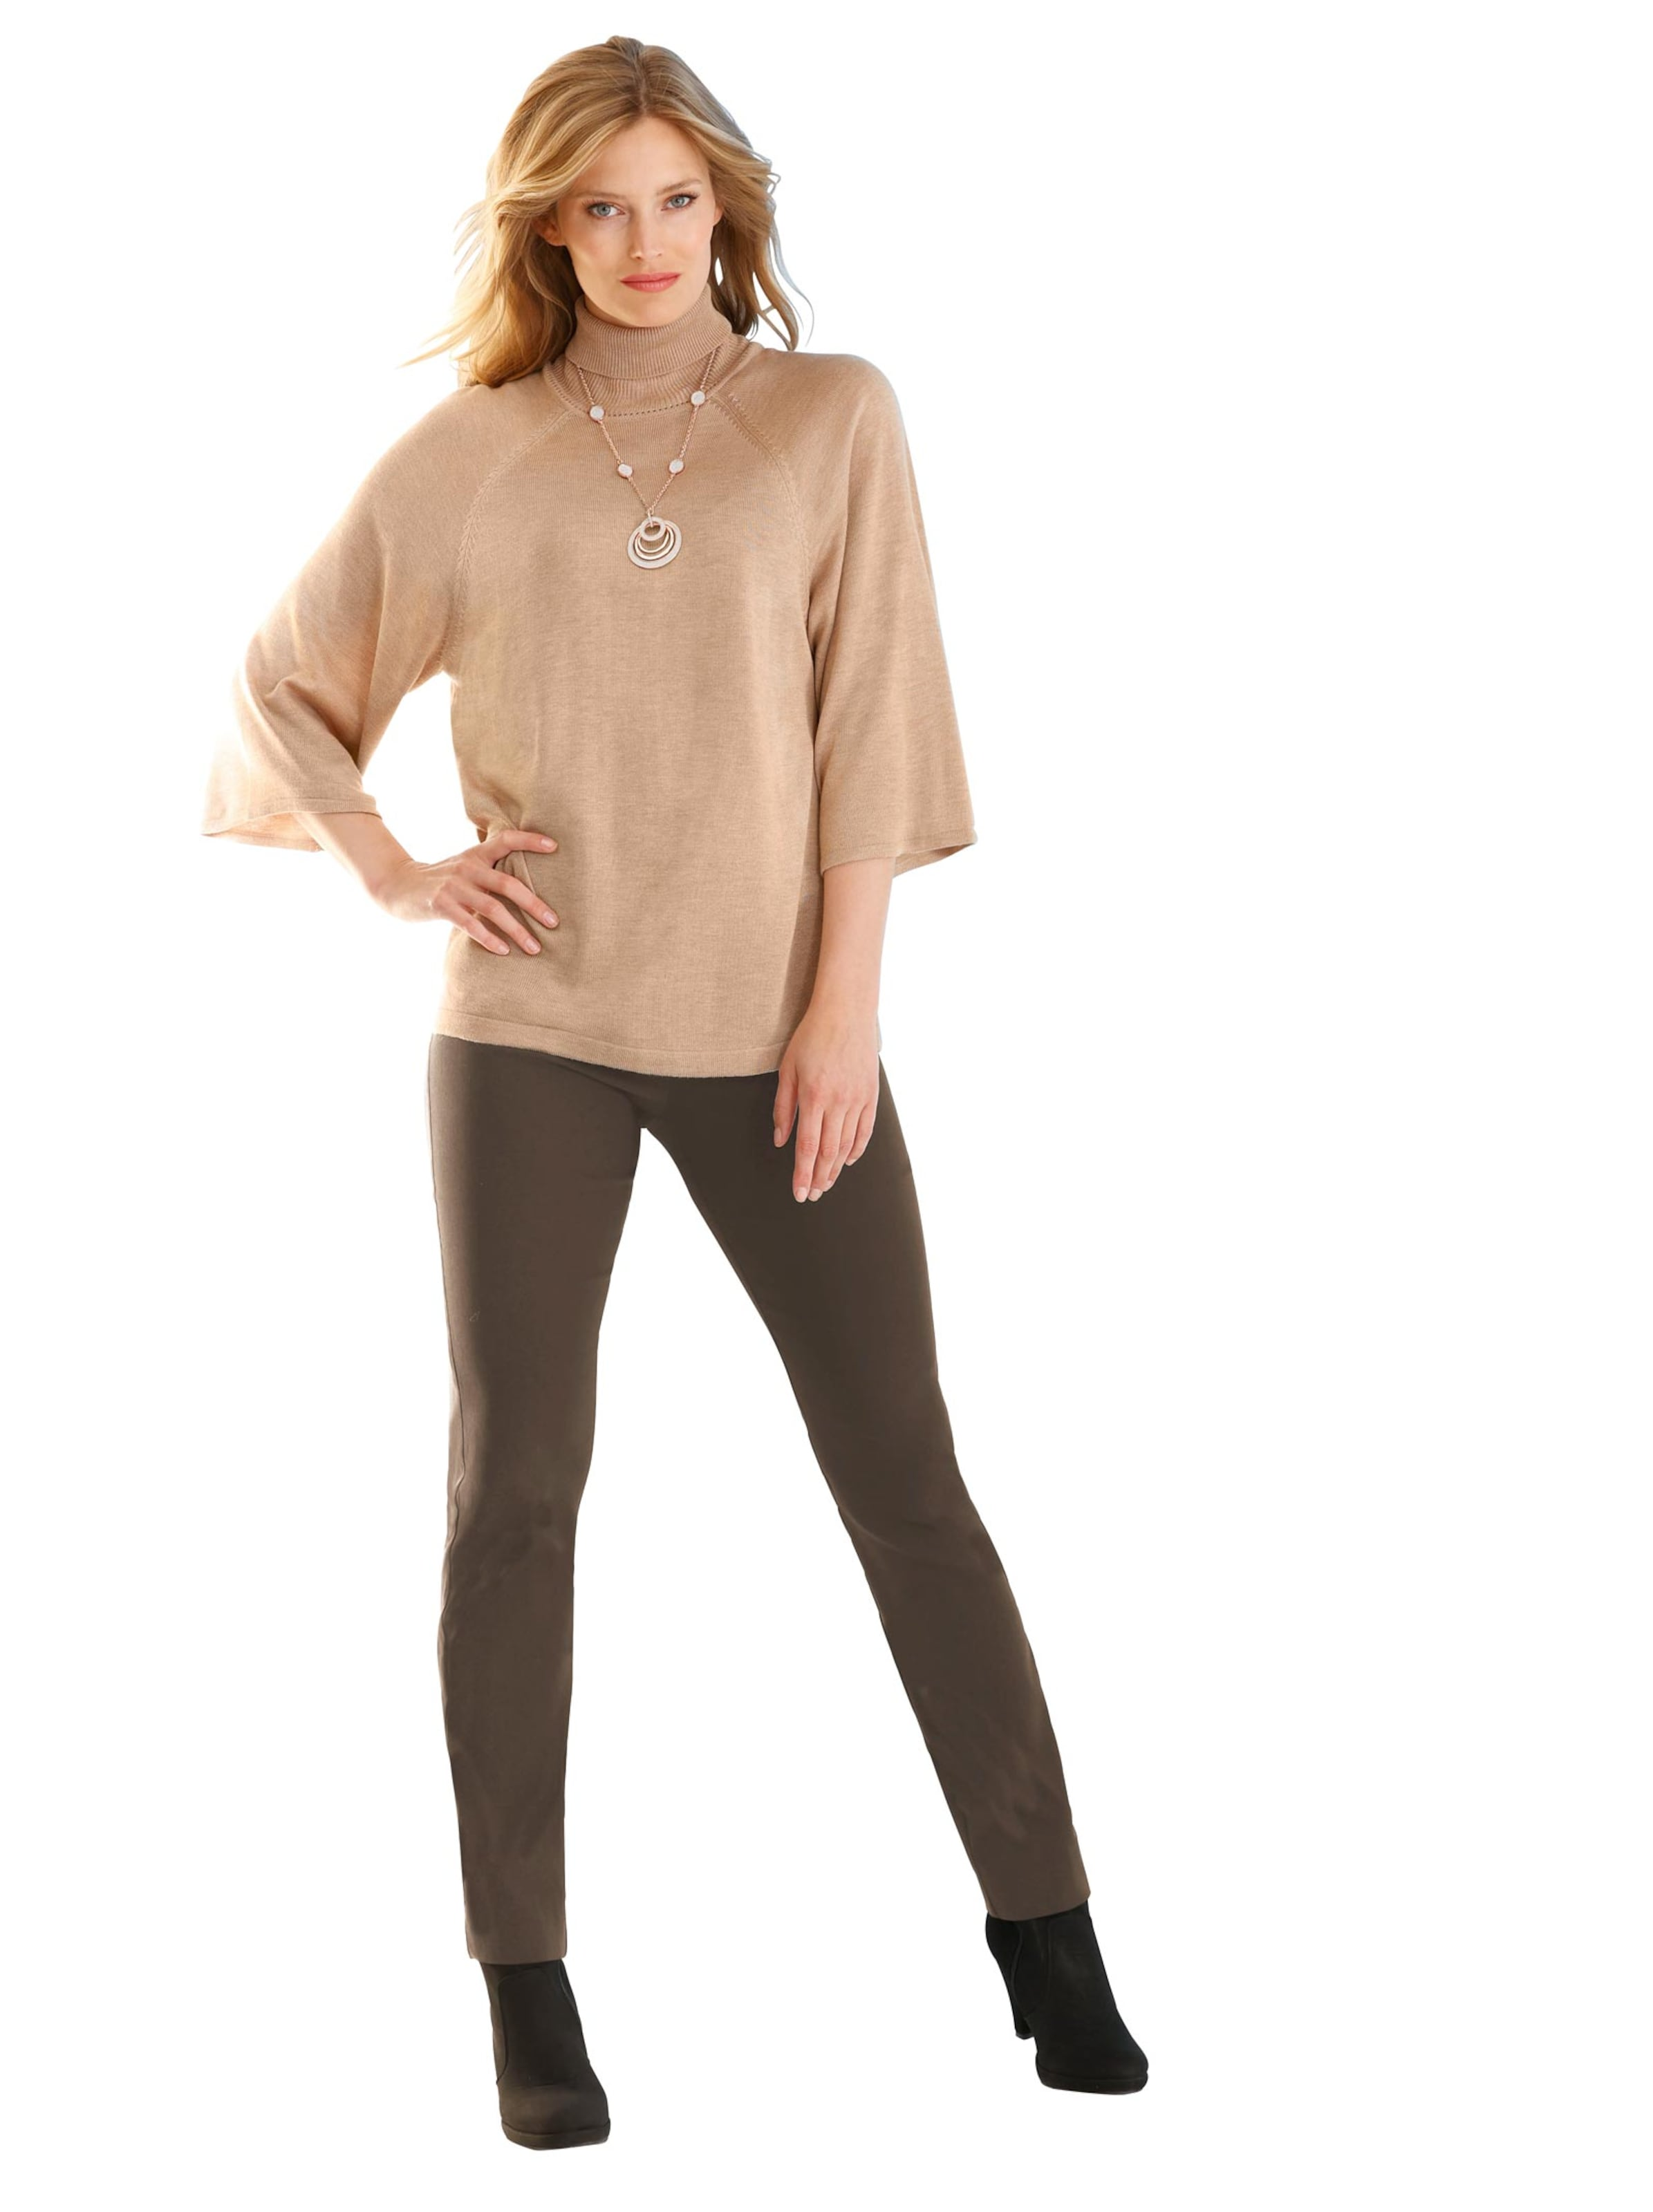 ashley brooke - Damen Rollkragen-Pullover camel-melange